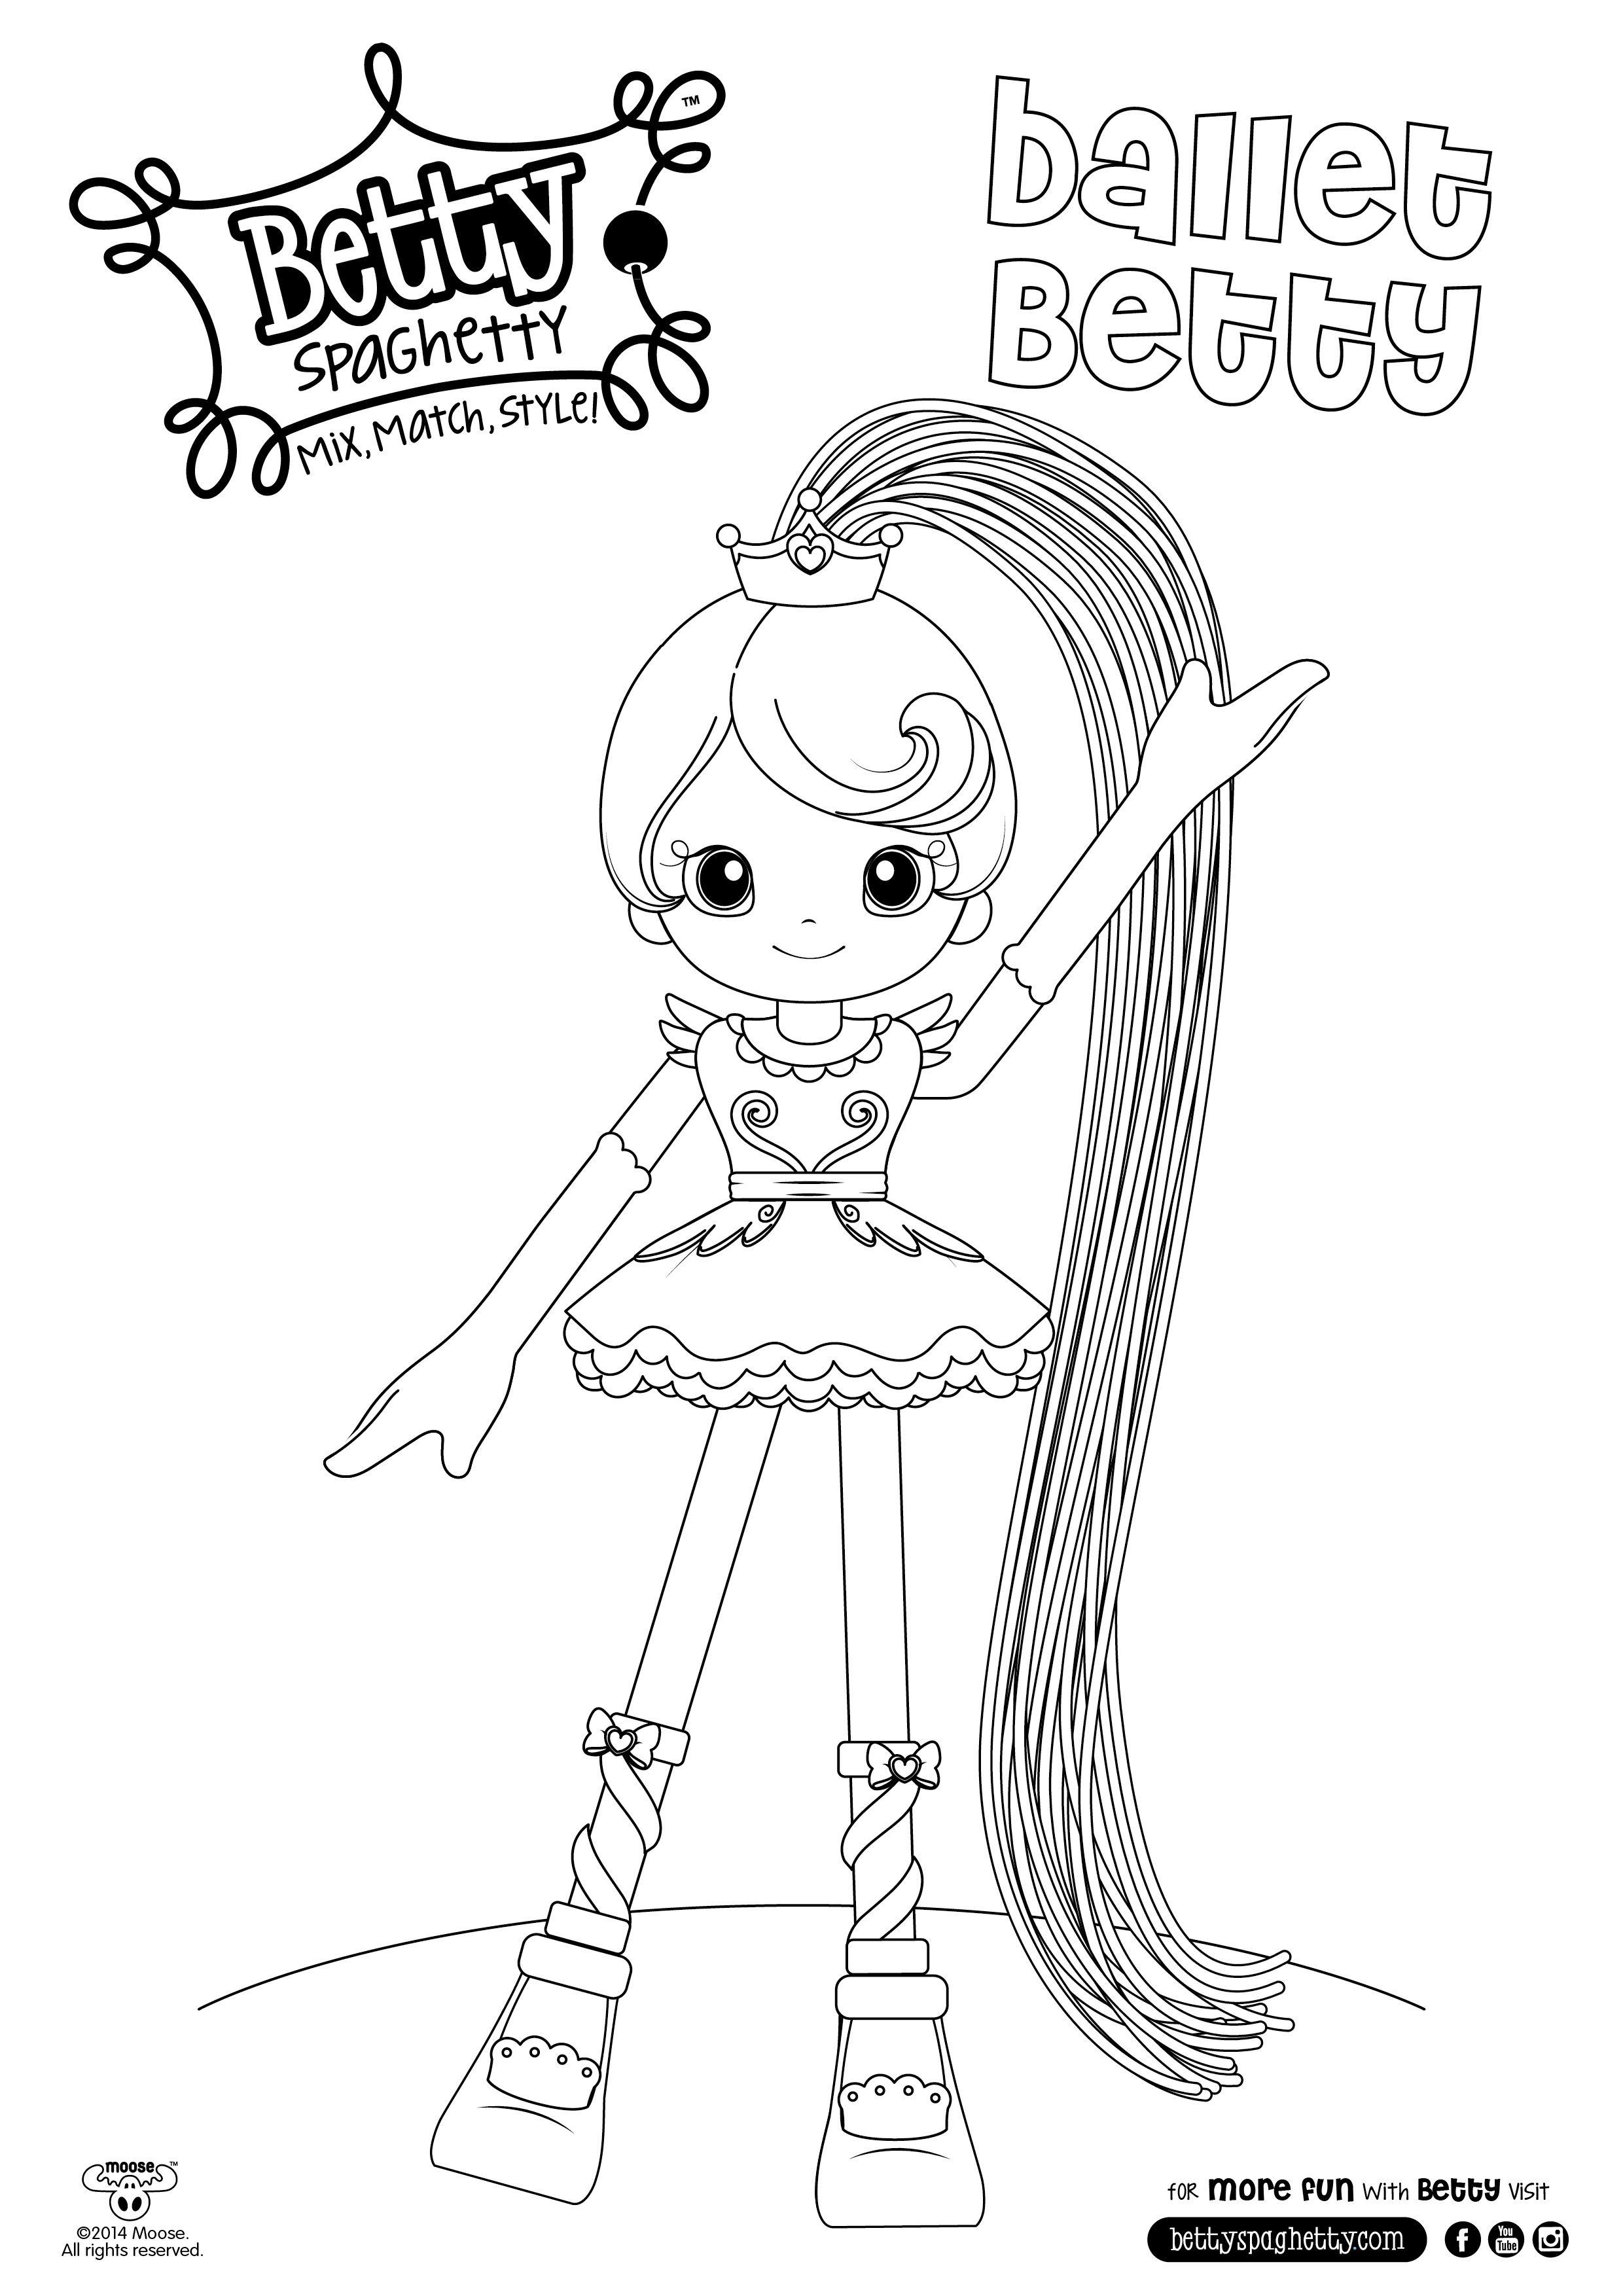 Betty Spaghetti | cute coloring book | Pinterest | Personajes de